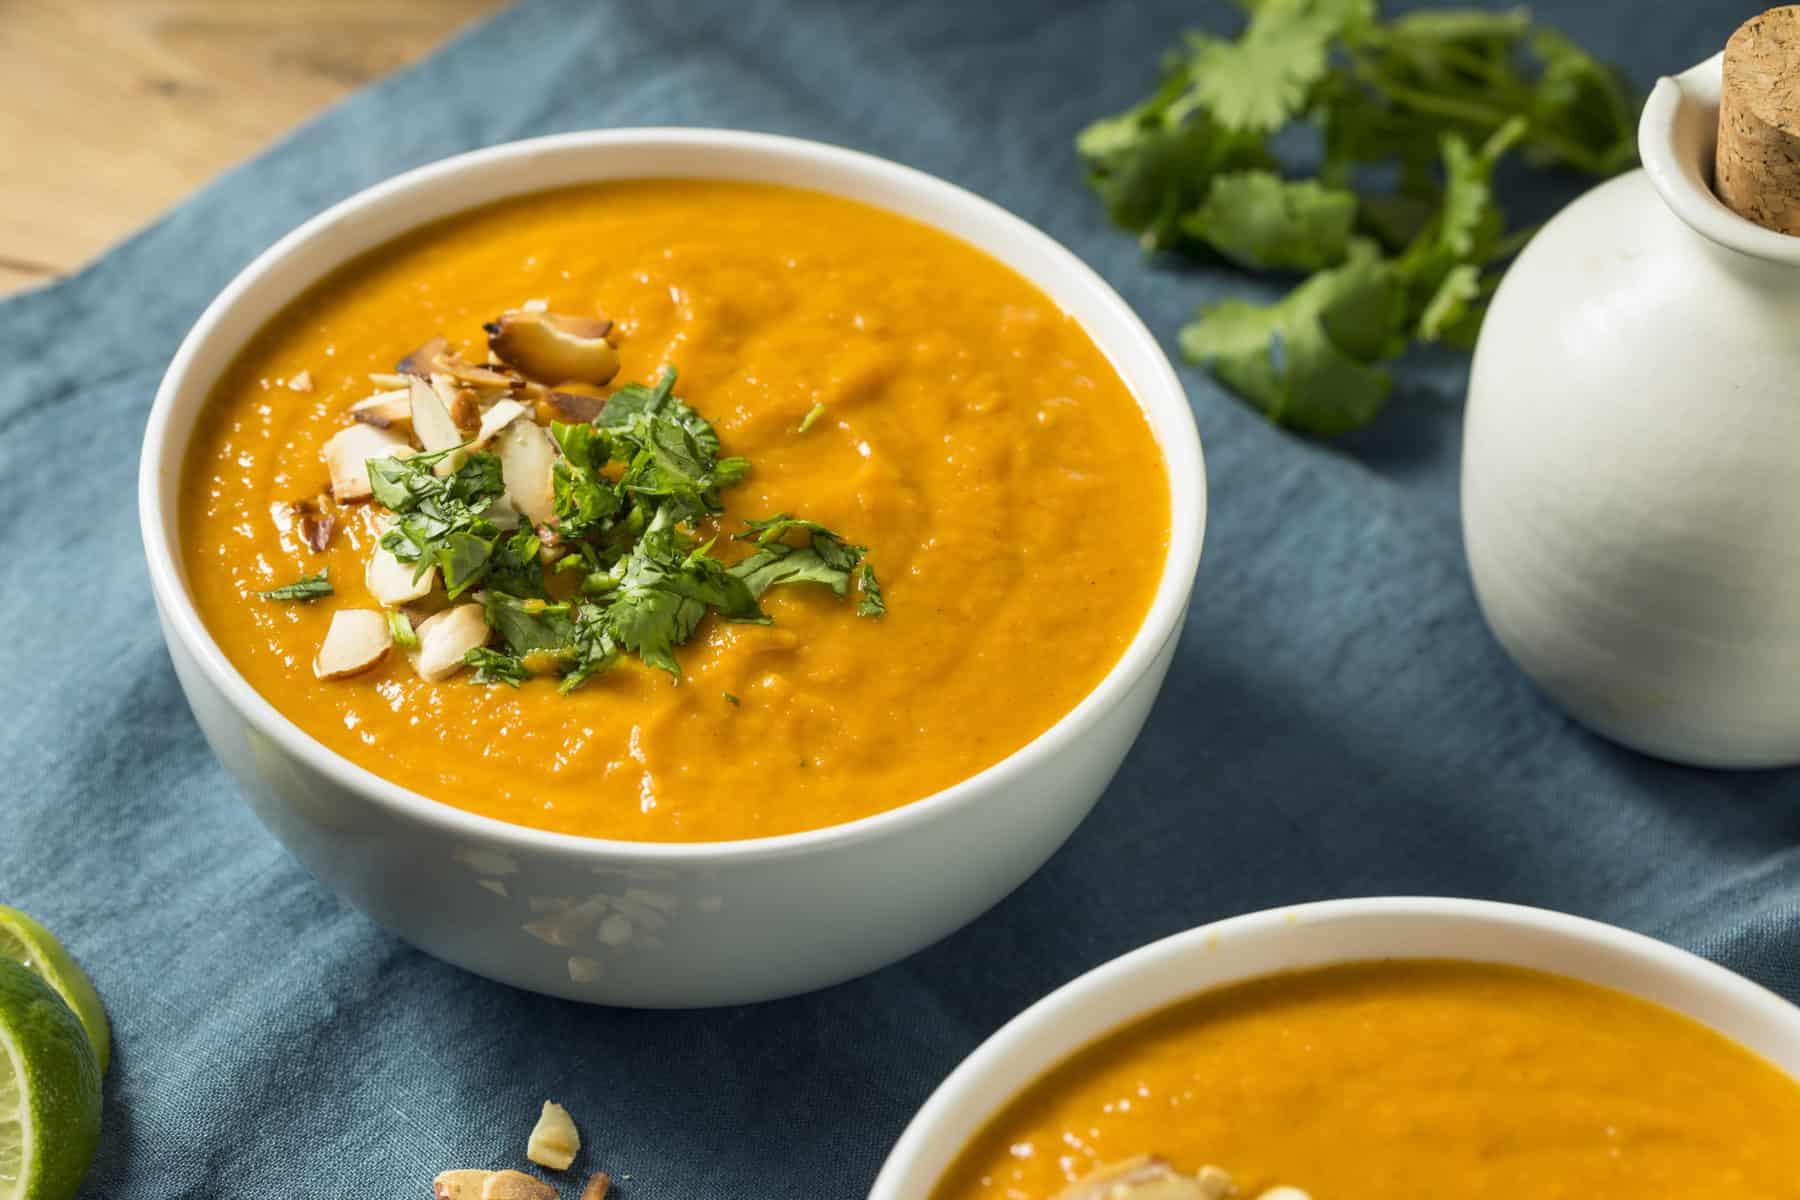 Süßkartoffel-Suppe mit dem Thermomix® –Foto: bhofack2/gettyimages